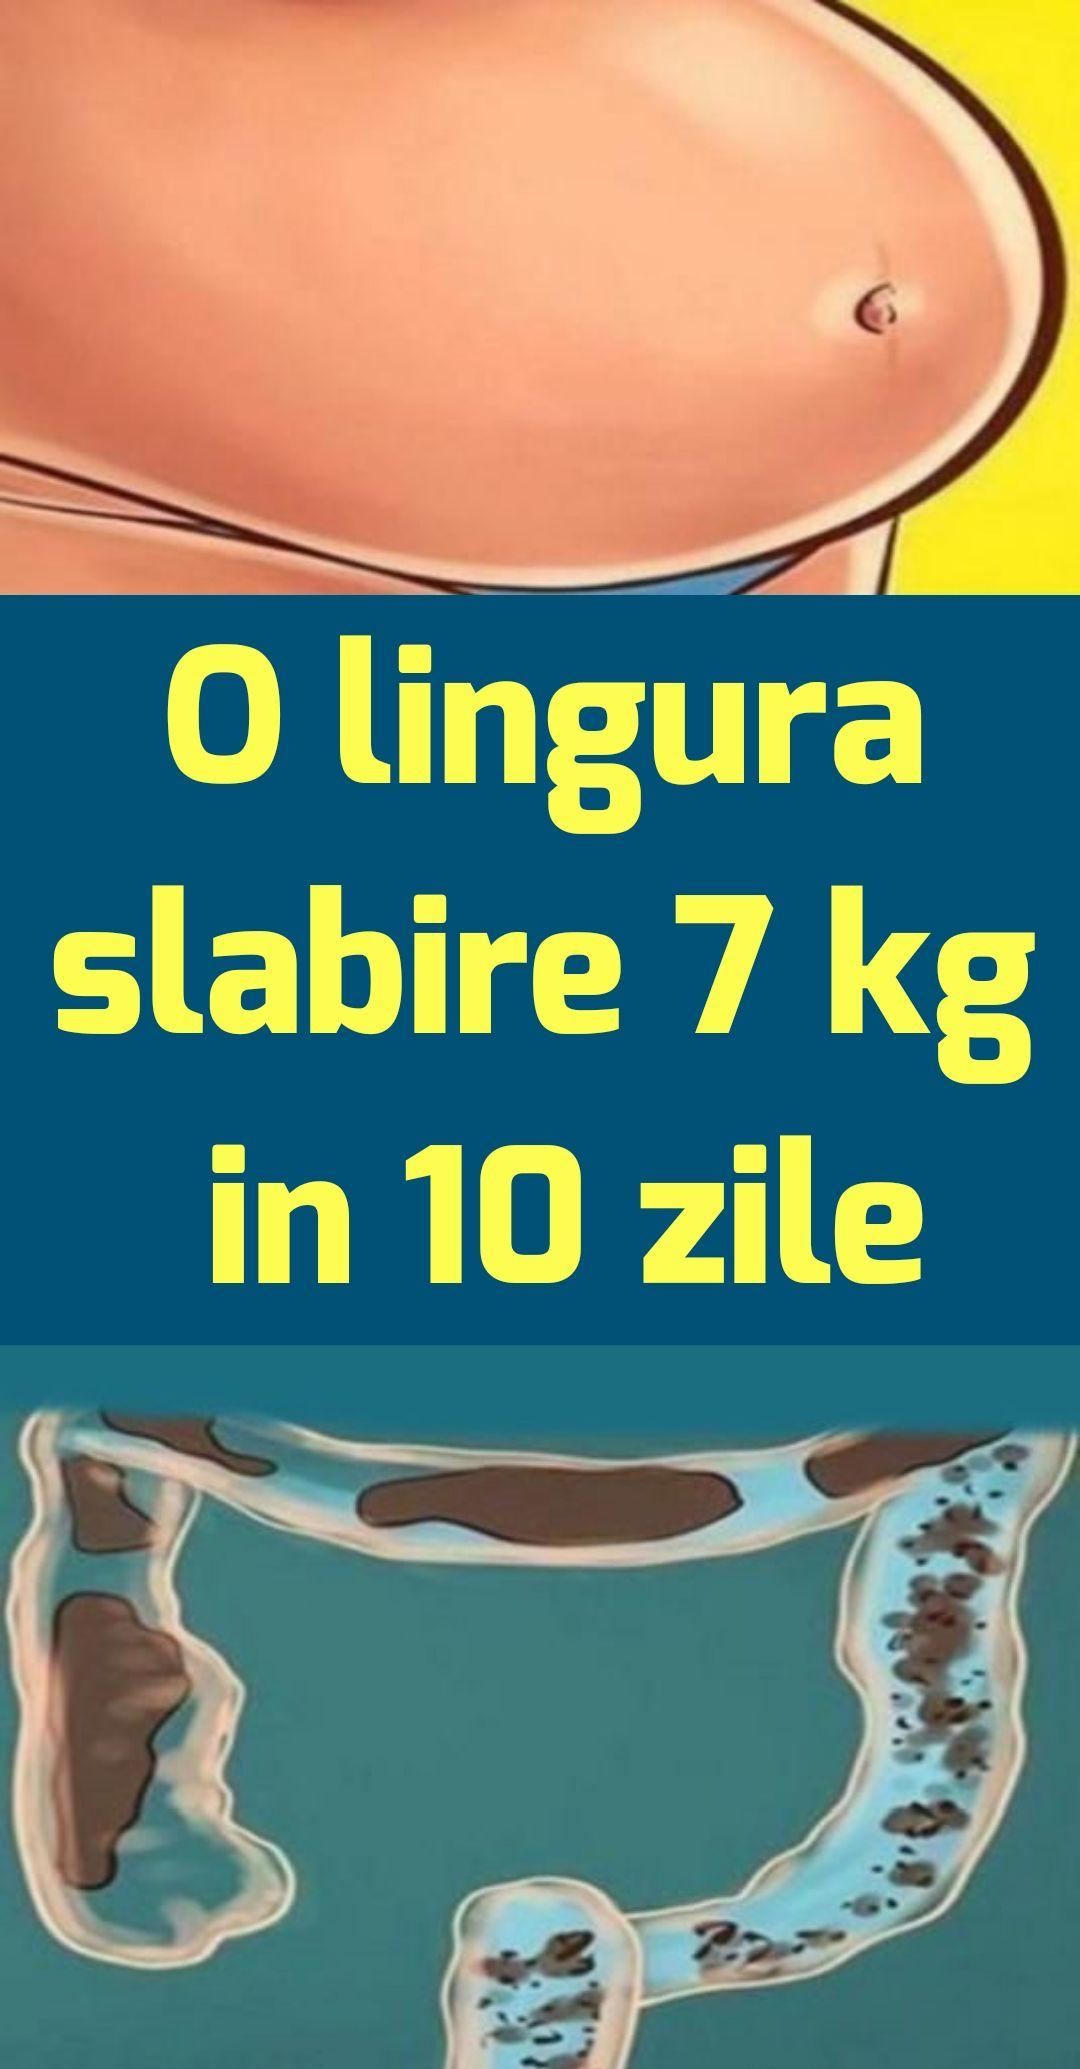 cla pierdere în greutate dr ax)